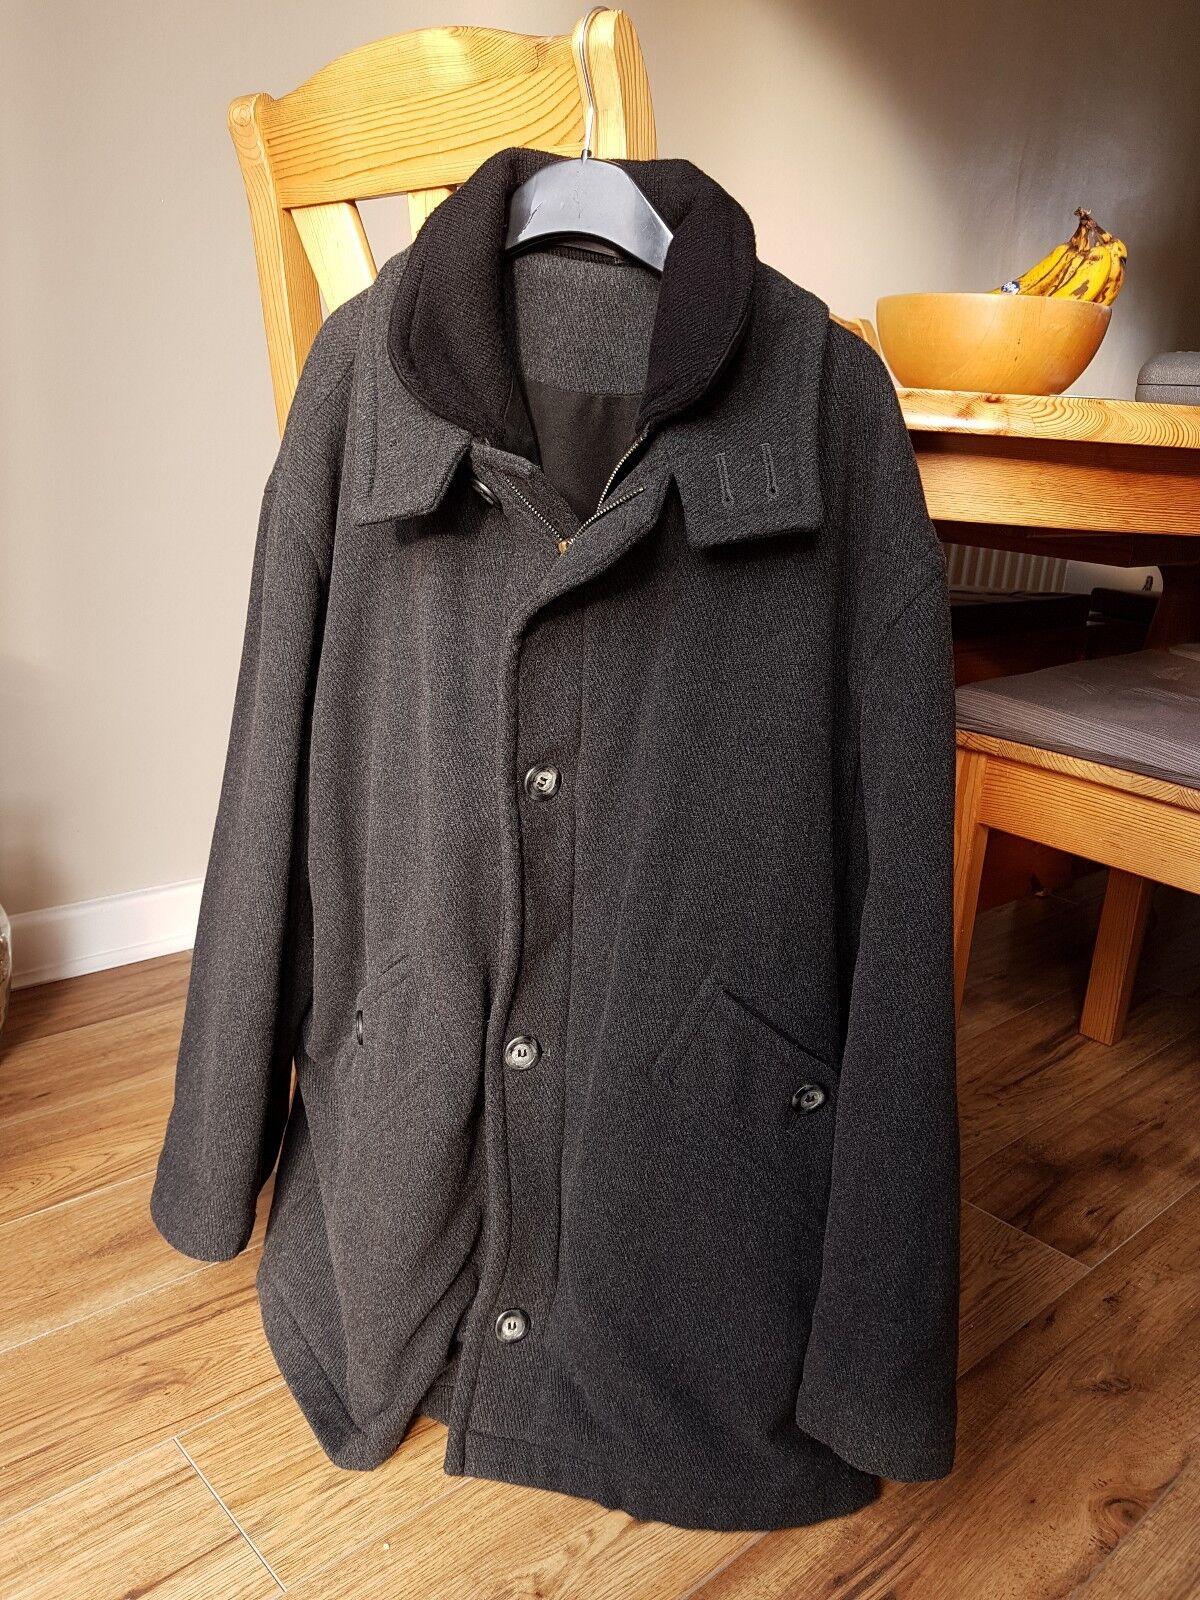 Baker Street by Carlo Bellucci Men's Winter Fleece Lined Wool Coat. Size L